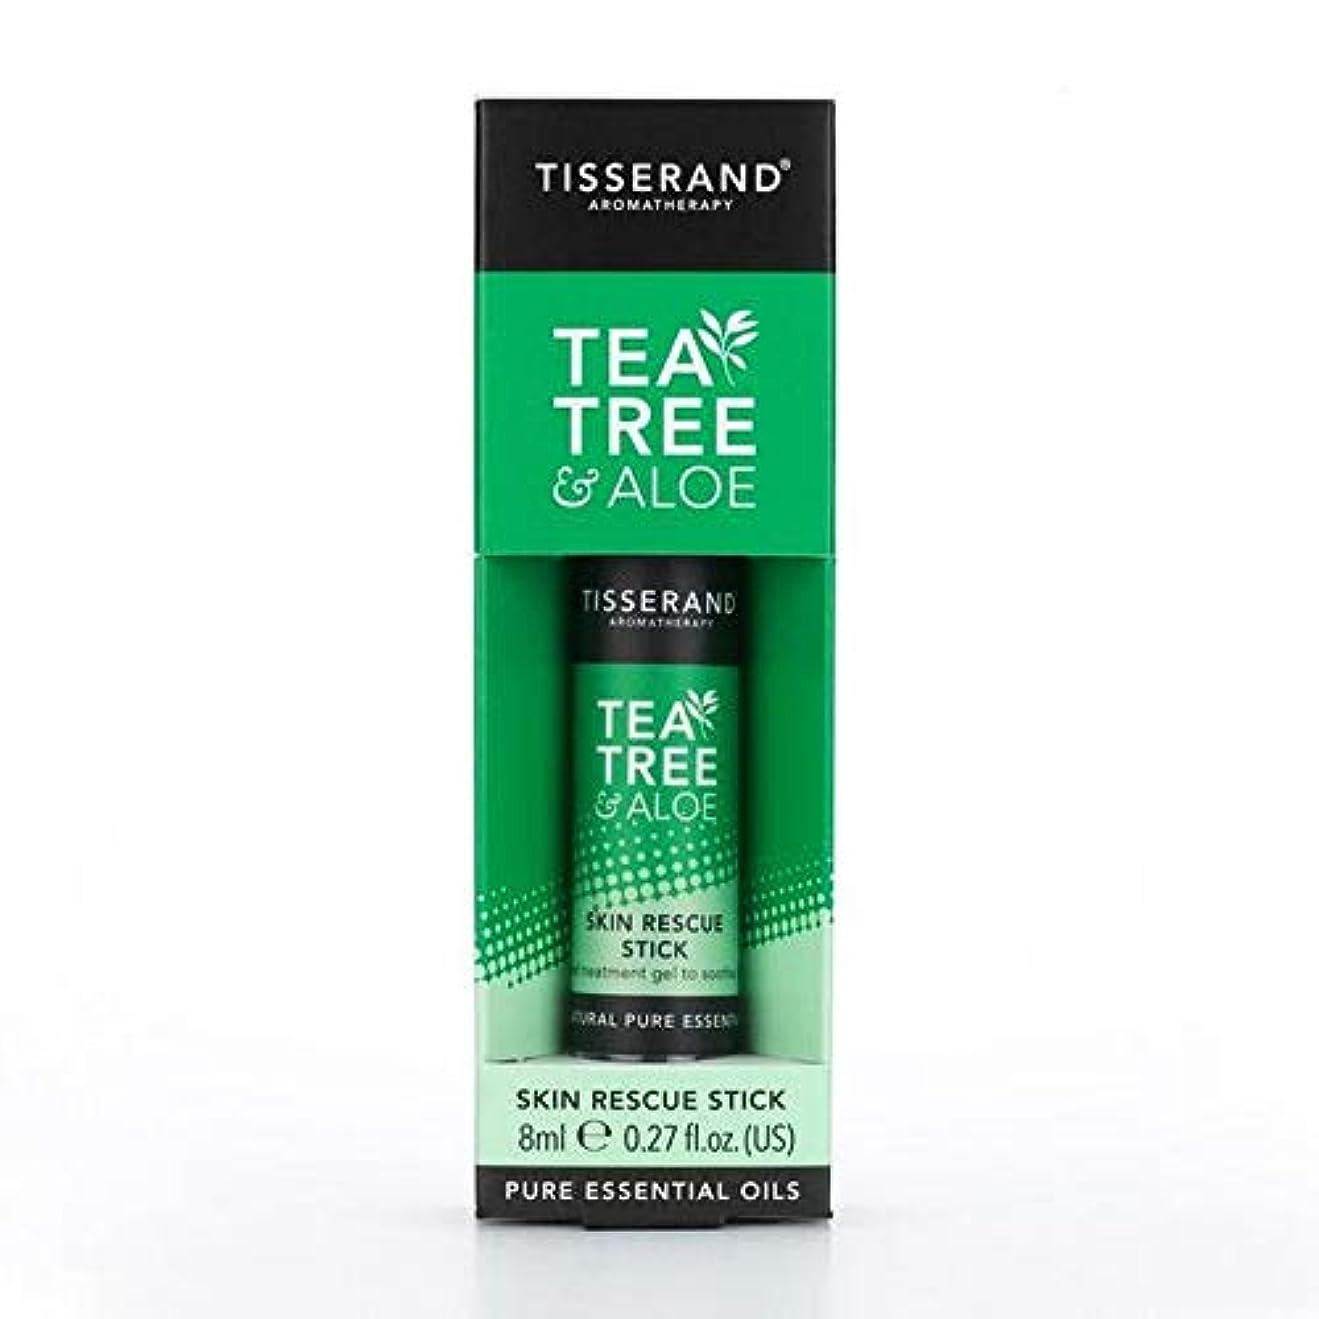 自治兵隊フィクション[Tisserand] ティスランドティーツリー&アロエレスキュースティック8ミリリットル - Tisserand Tea Tree & Aloe Rescue Stick 8ml [並行輸入品]